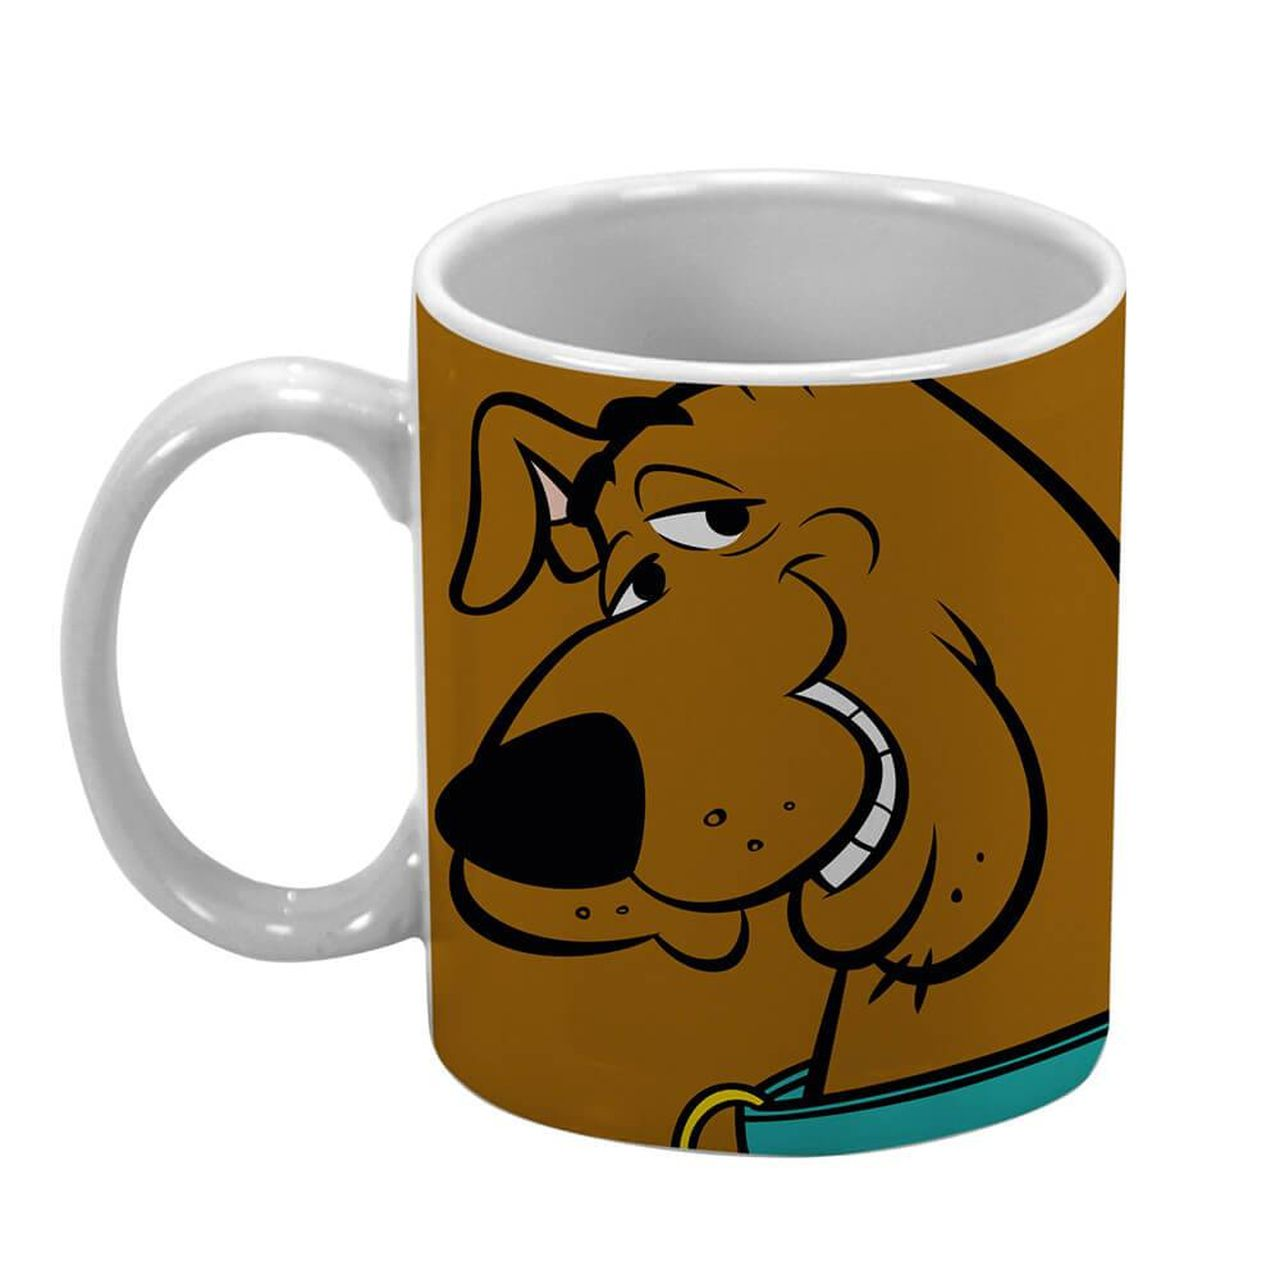 Caneca de Porcelana Scooby-Doo: Scooby-Doo (300ml) - Metropole